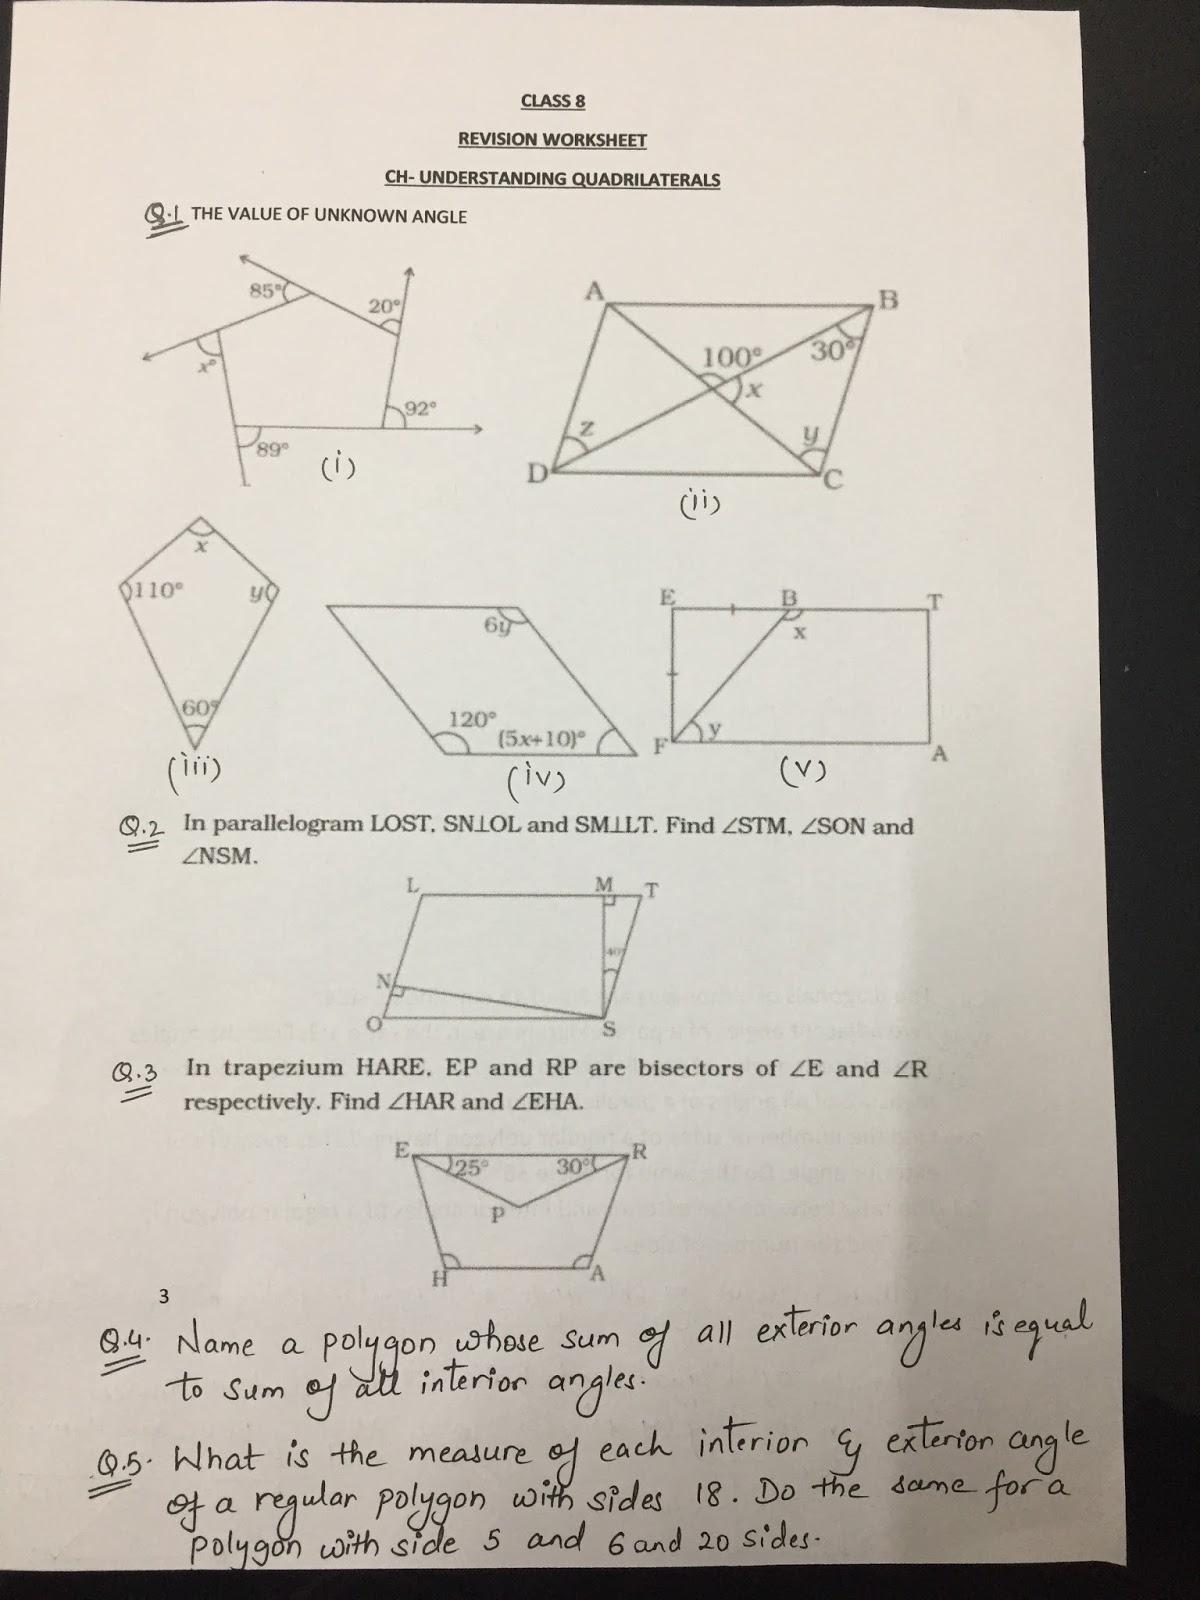 CLASS 8 / MATHS / REVISION WORKSHEET 4 (UNDERSTANDING QUADRILATERAL)